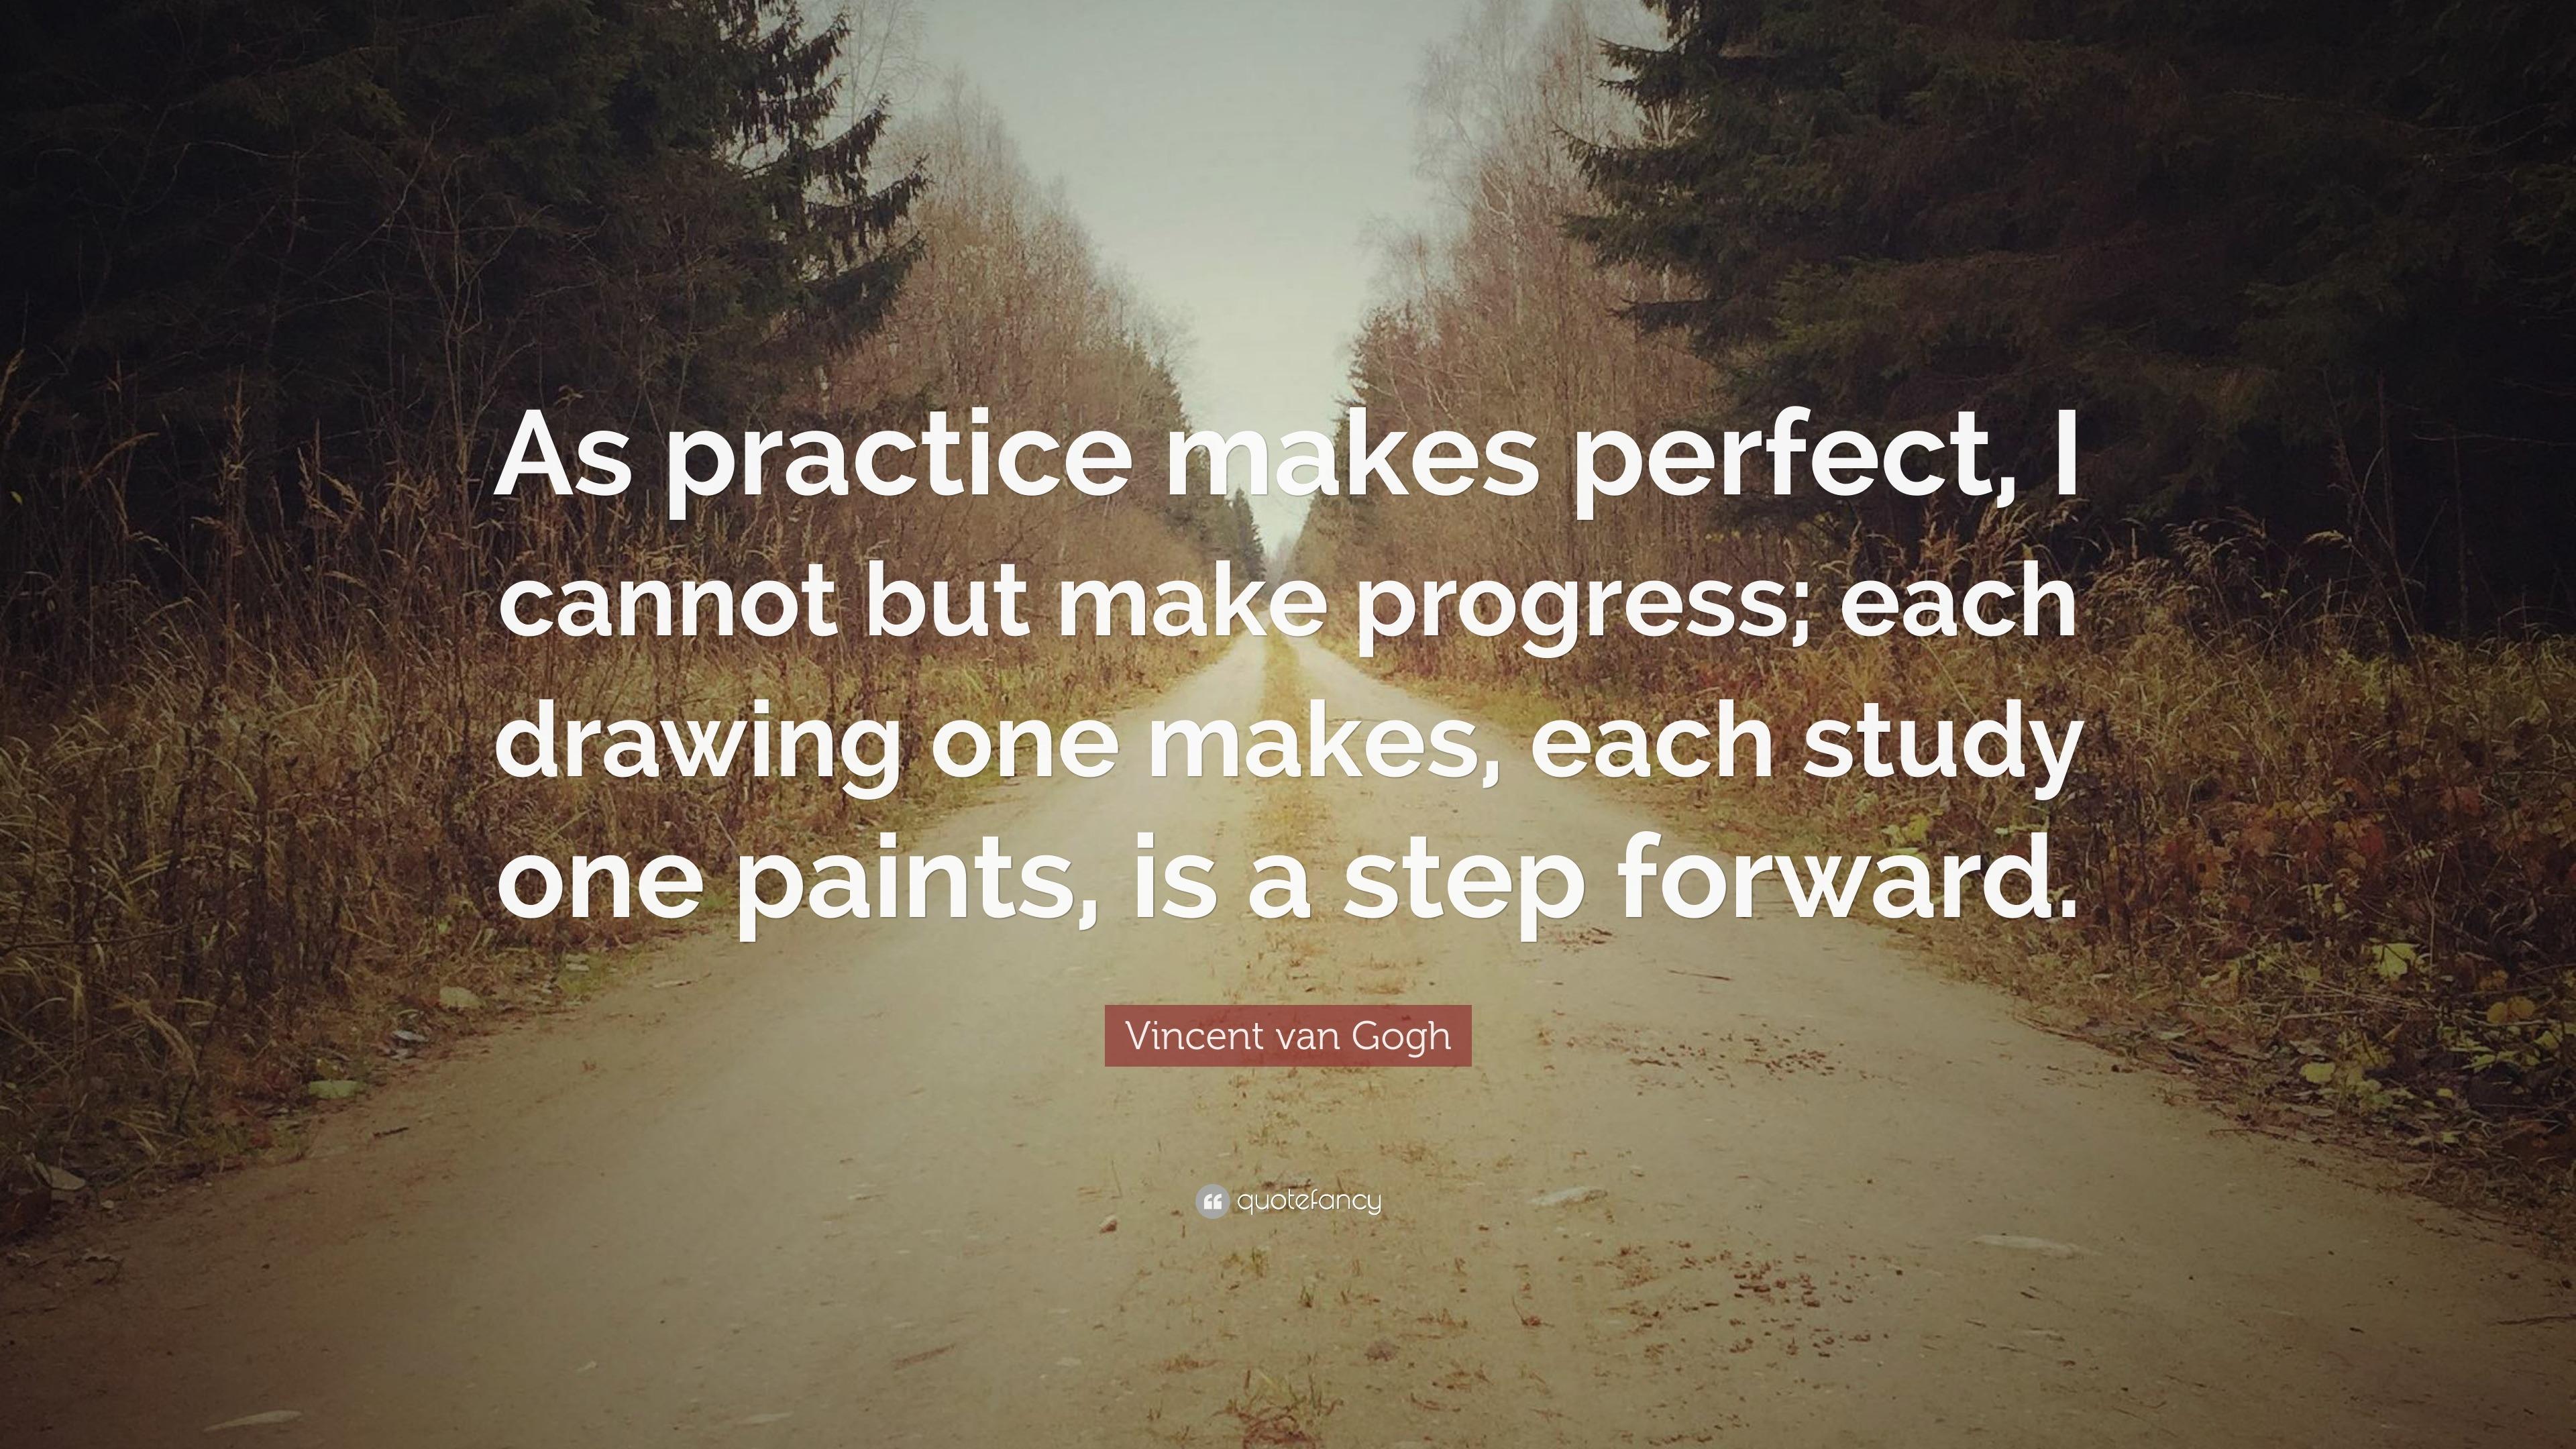 Vincent Van Gogh Quotes Wallpaper Vincent Van Gogh Quote As Practice Makes Perfect I